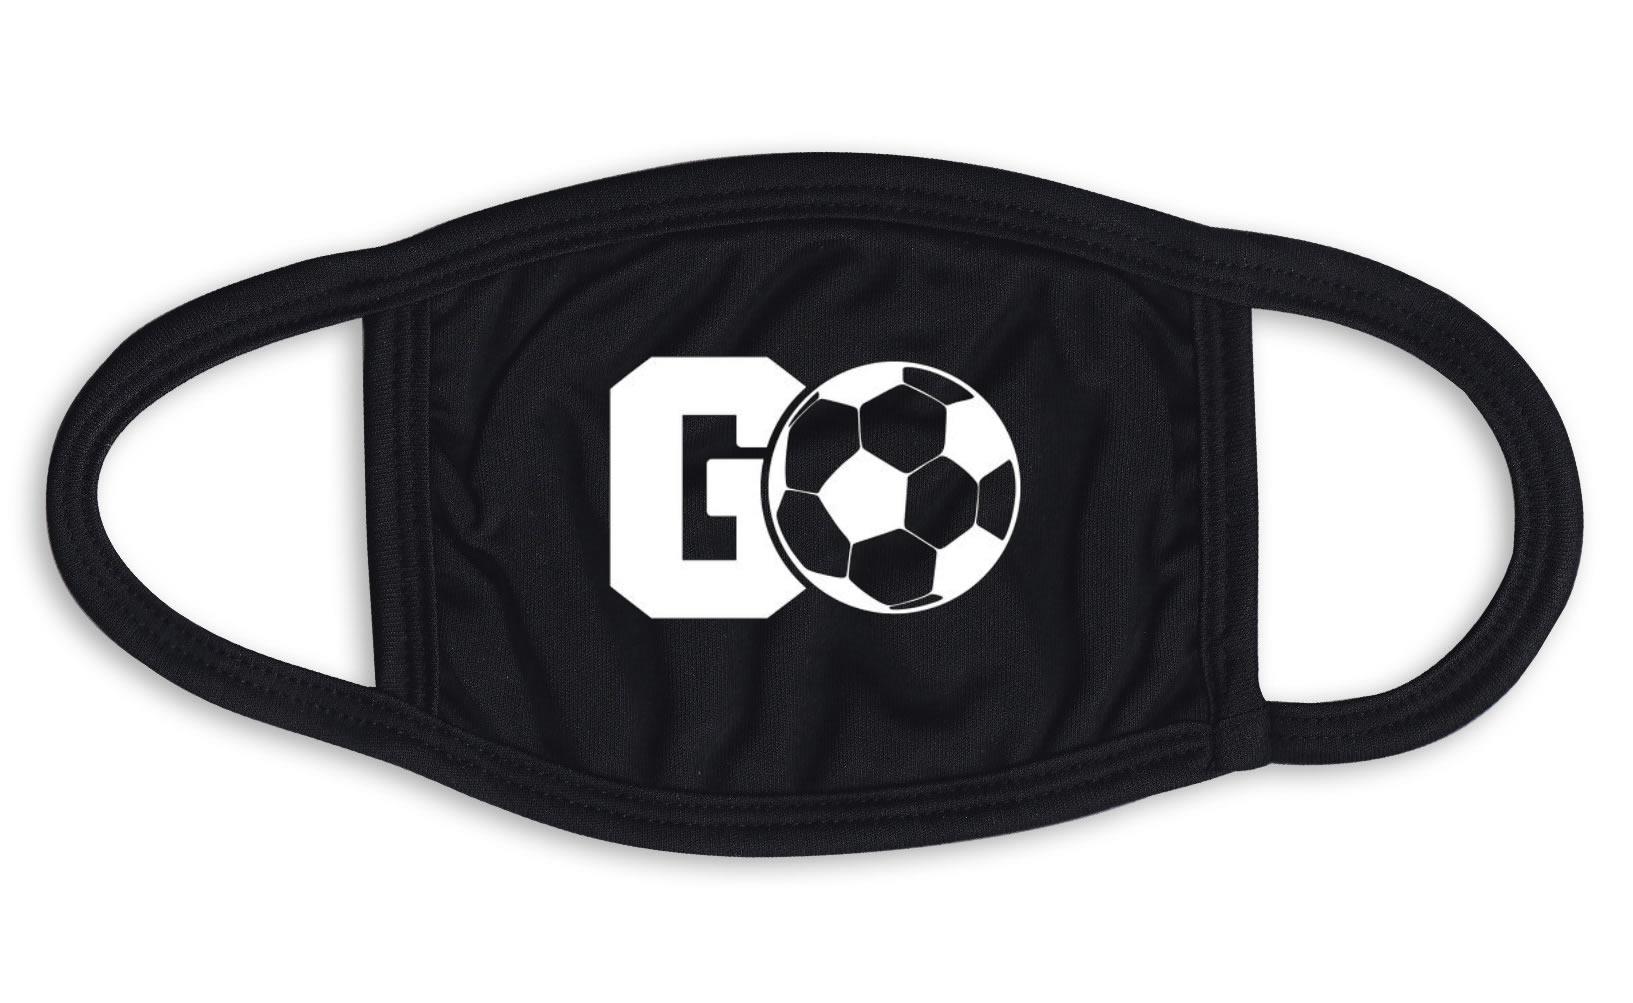 GO Soccer Face Mask